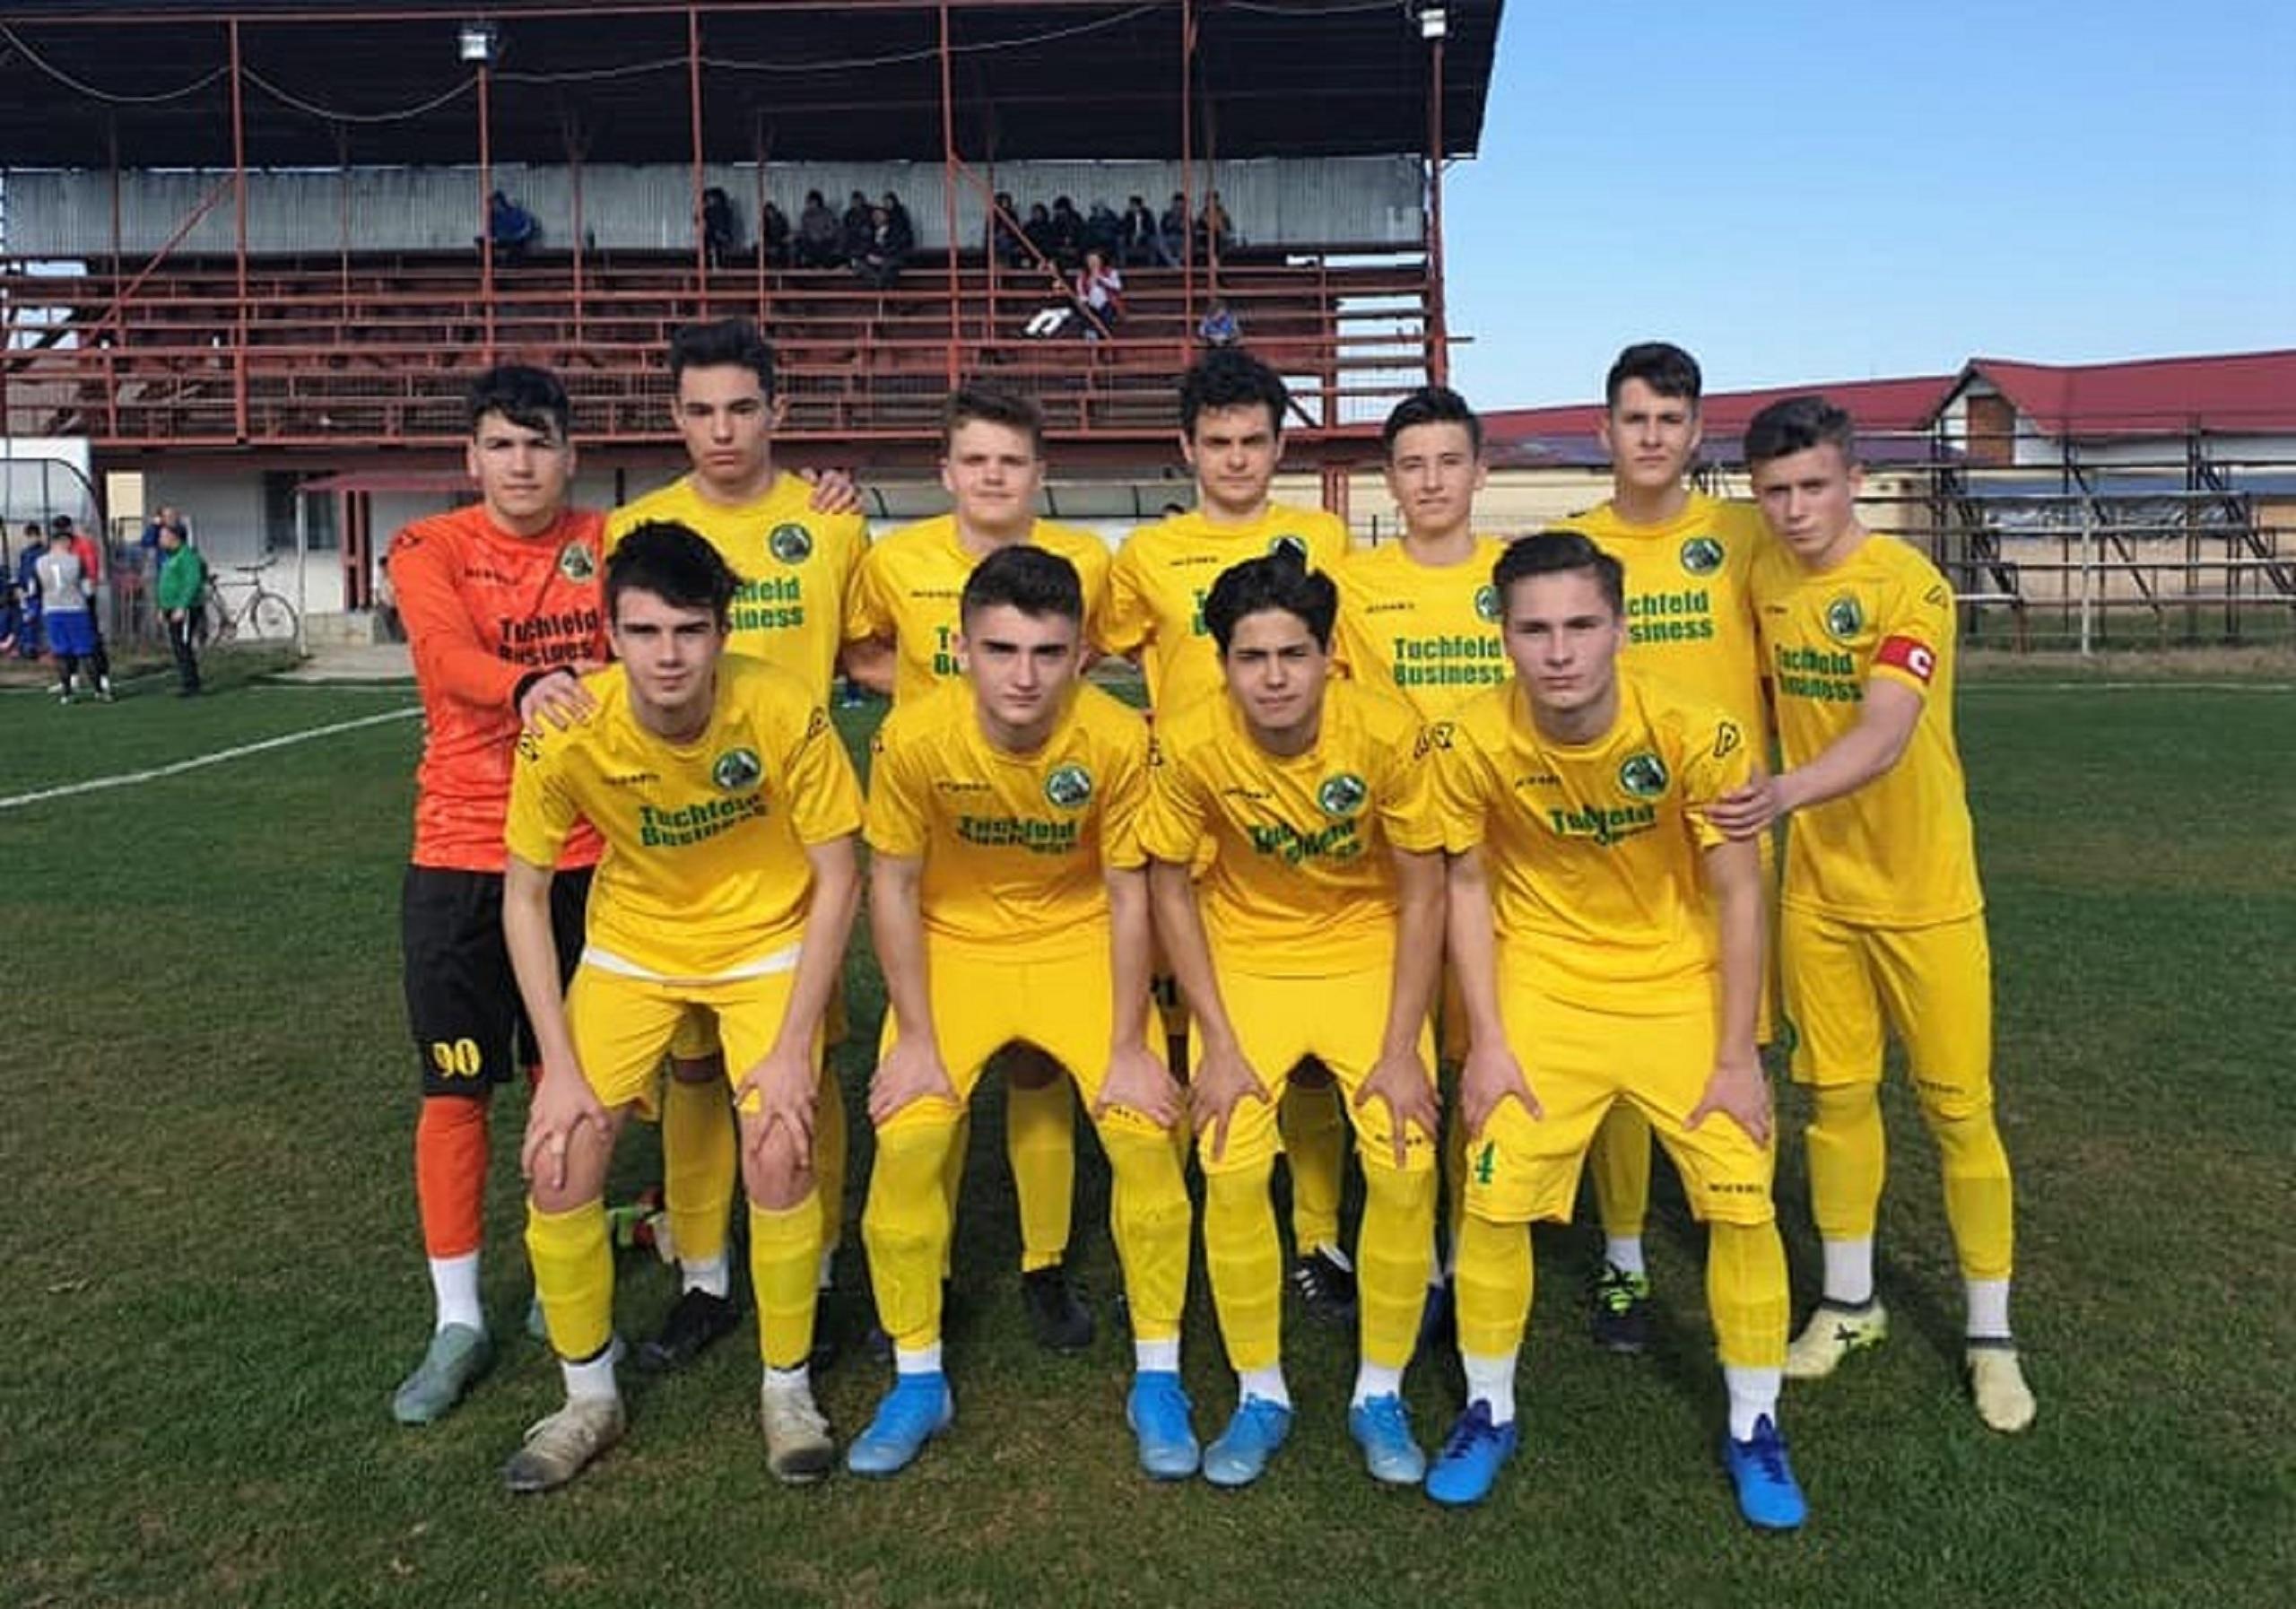 Juniori U17 AJF Ilfov – Voința Crevedia s-a dezlănțuit și a luat revanșa în fața celor de la CS Balotești!